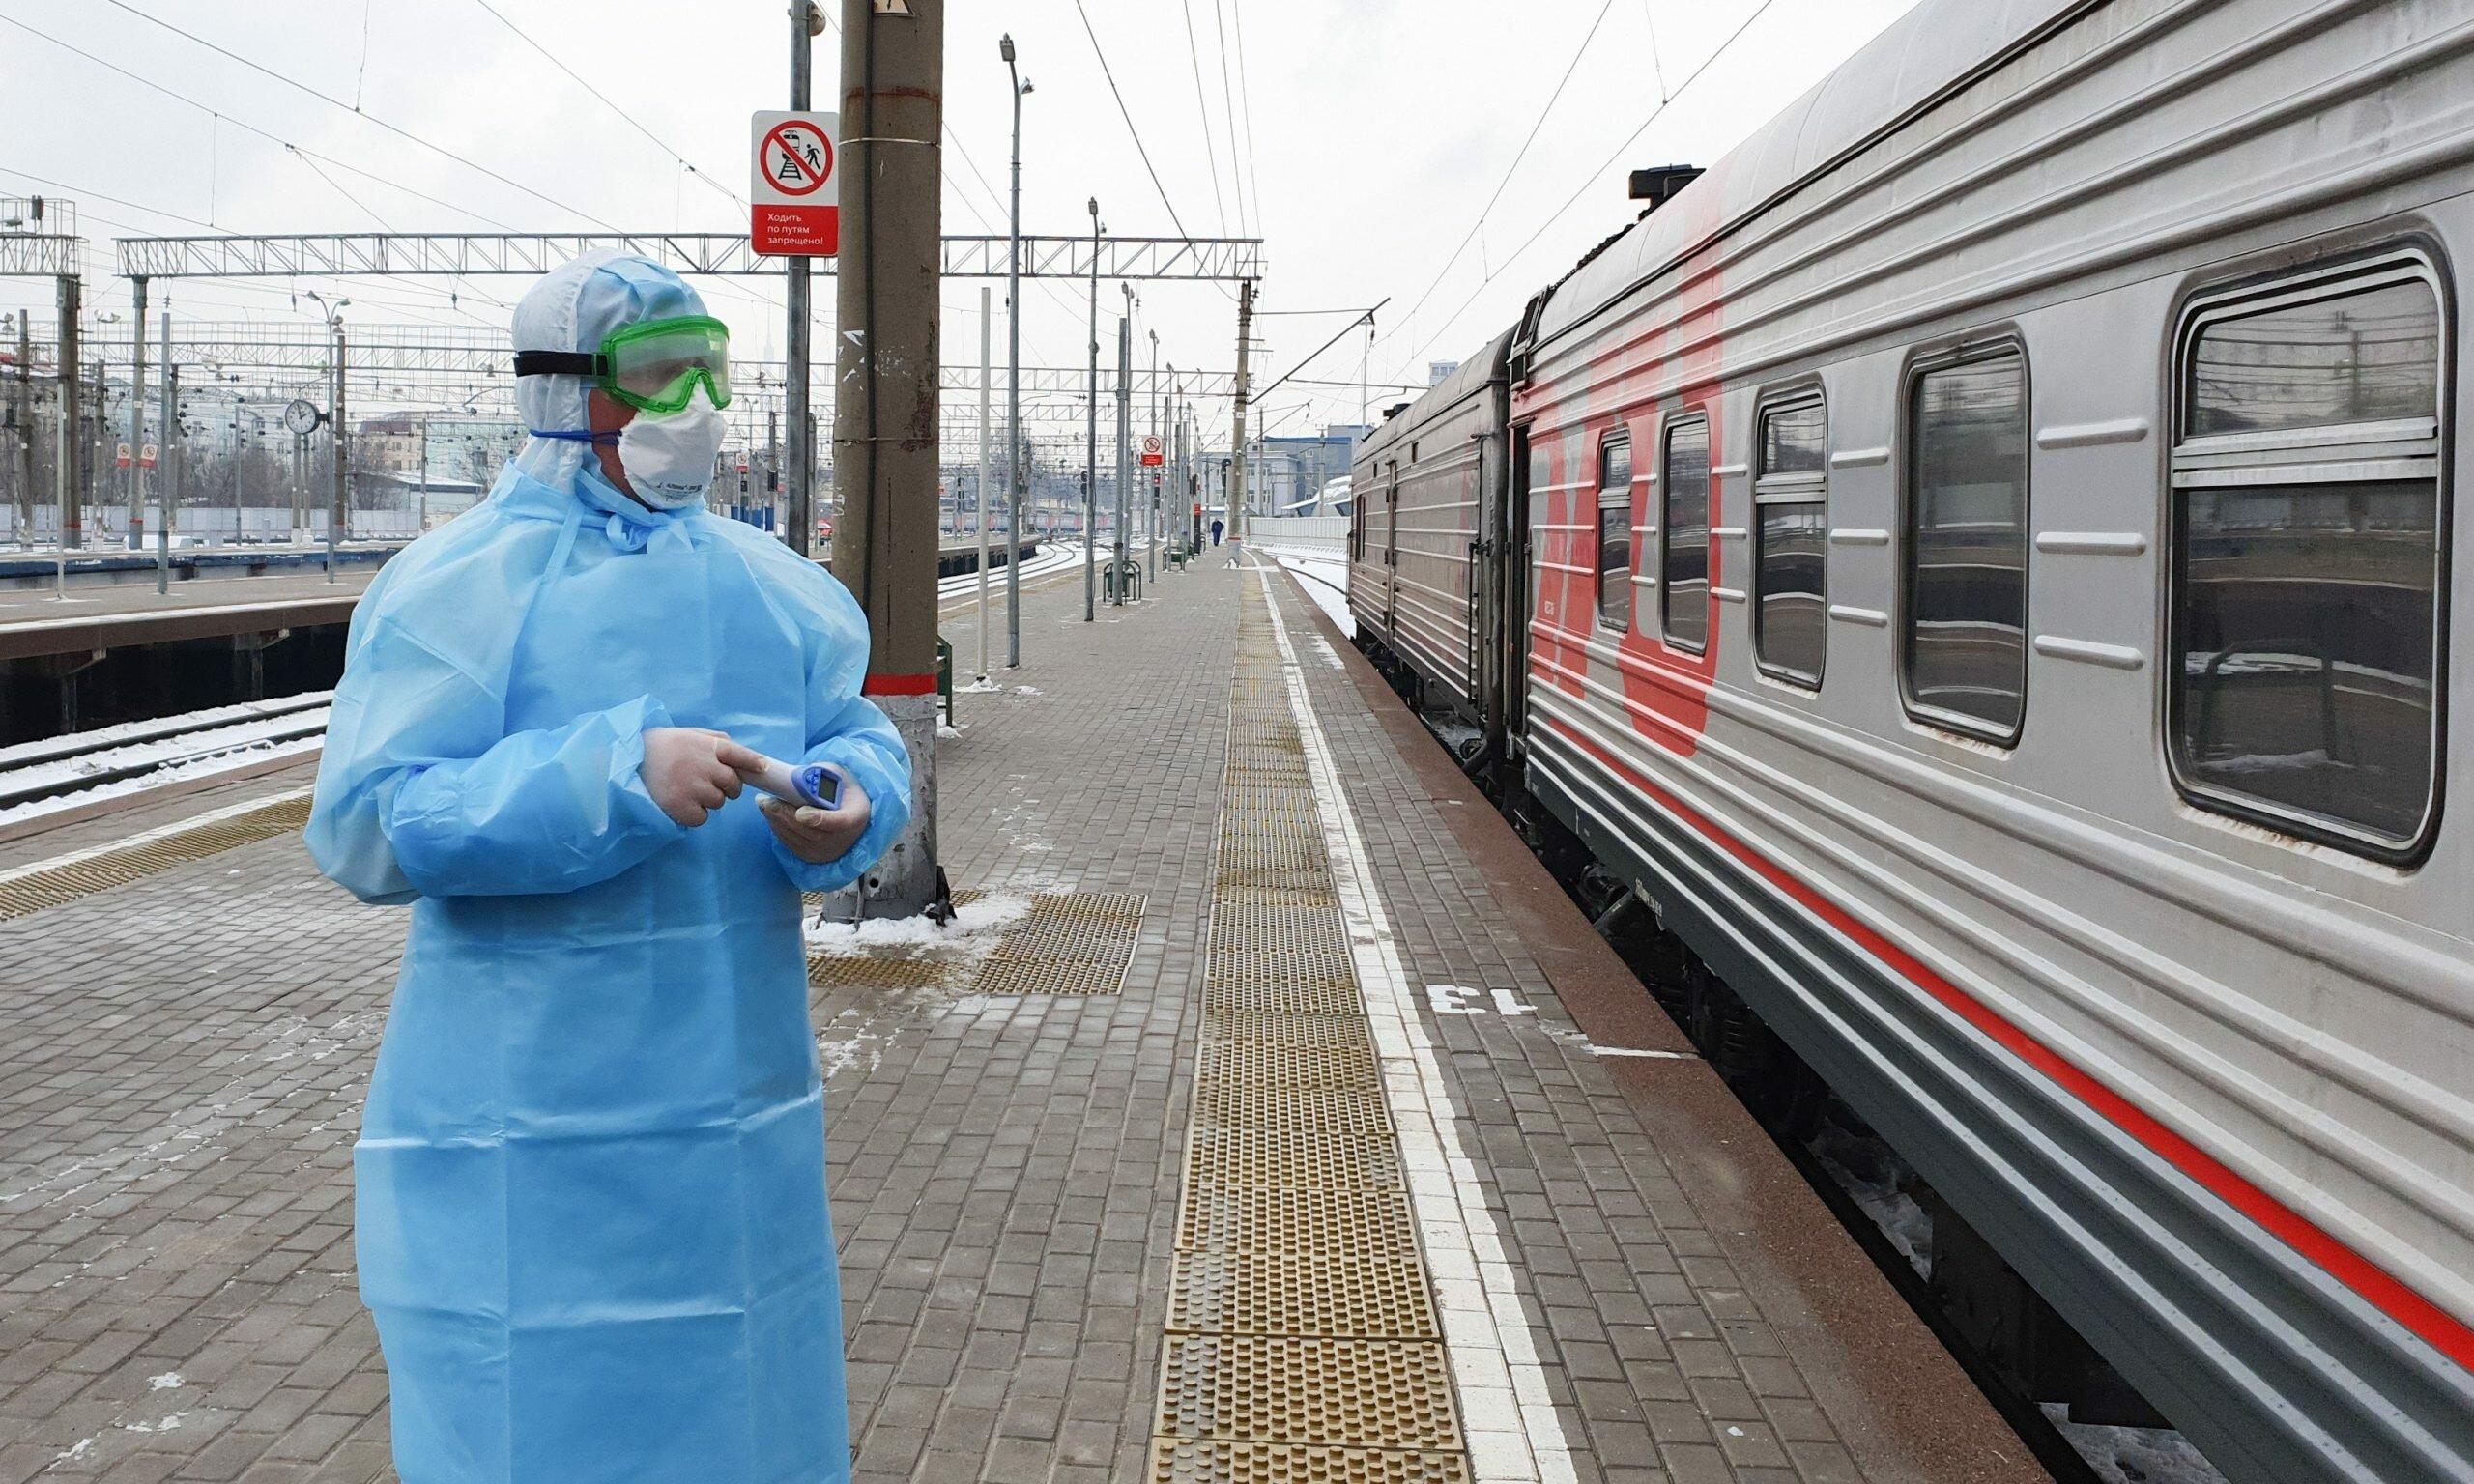 Когда восстановится железнодорожное сообщение дальнего следования в России на фоне пандемии коронавируса